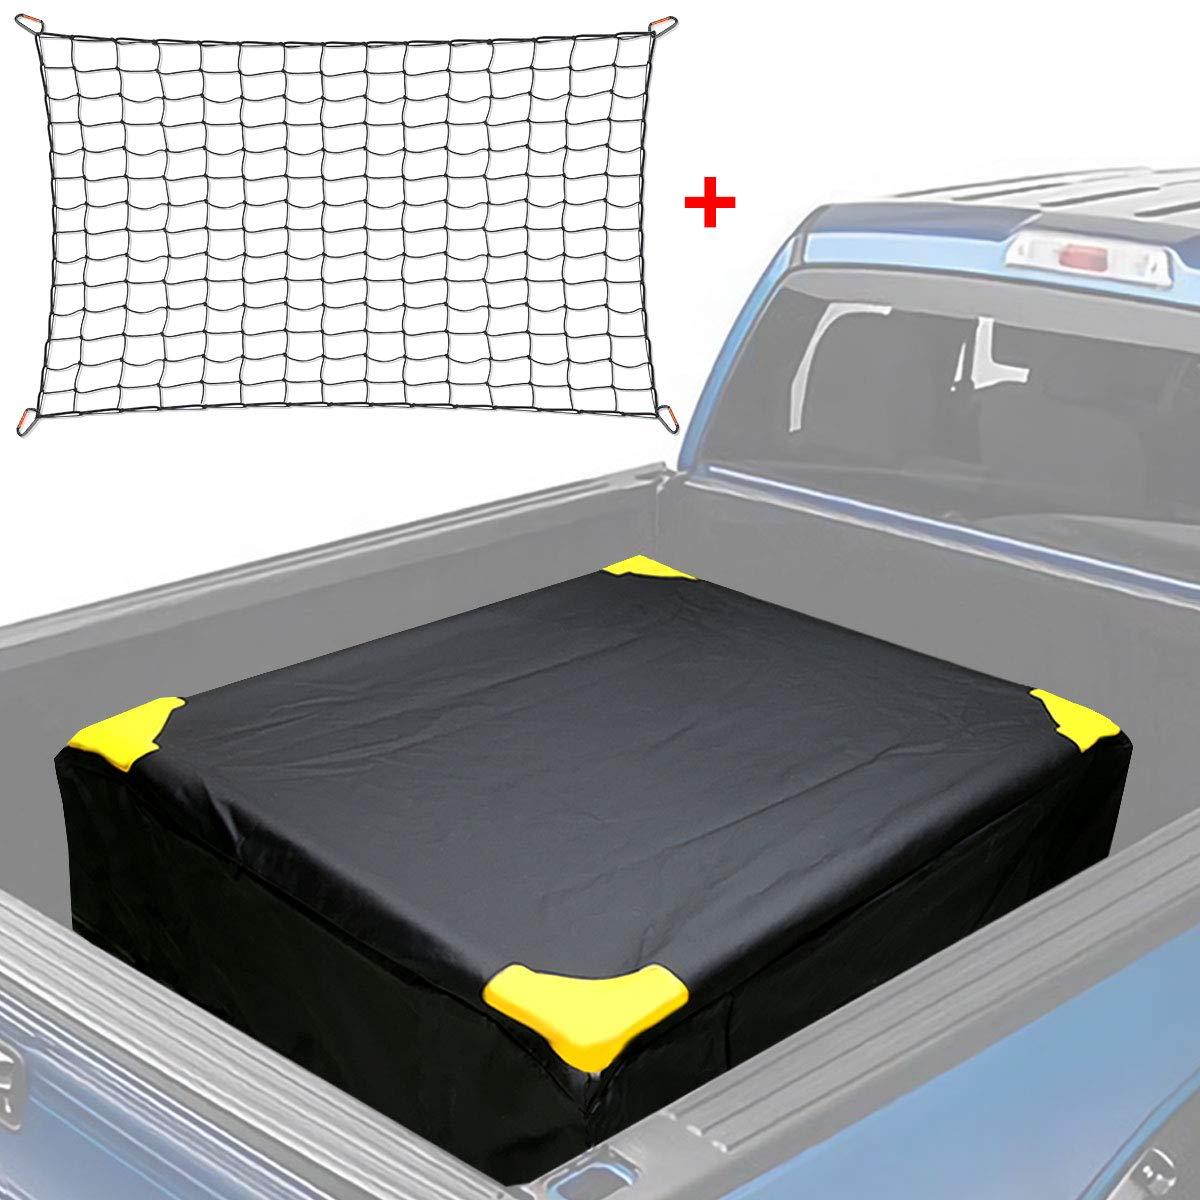 MODOKIT 100% Waterproof Truck Bed Cargo Bag with Cargo Net Hooks 26 Cubic Feet